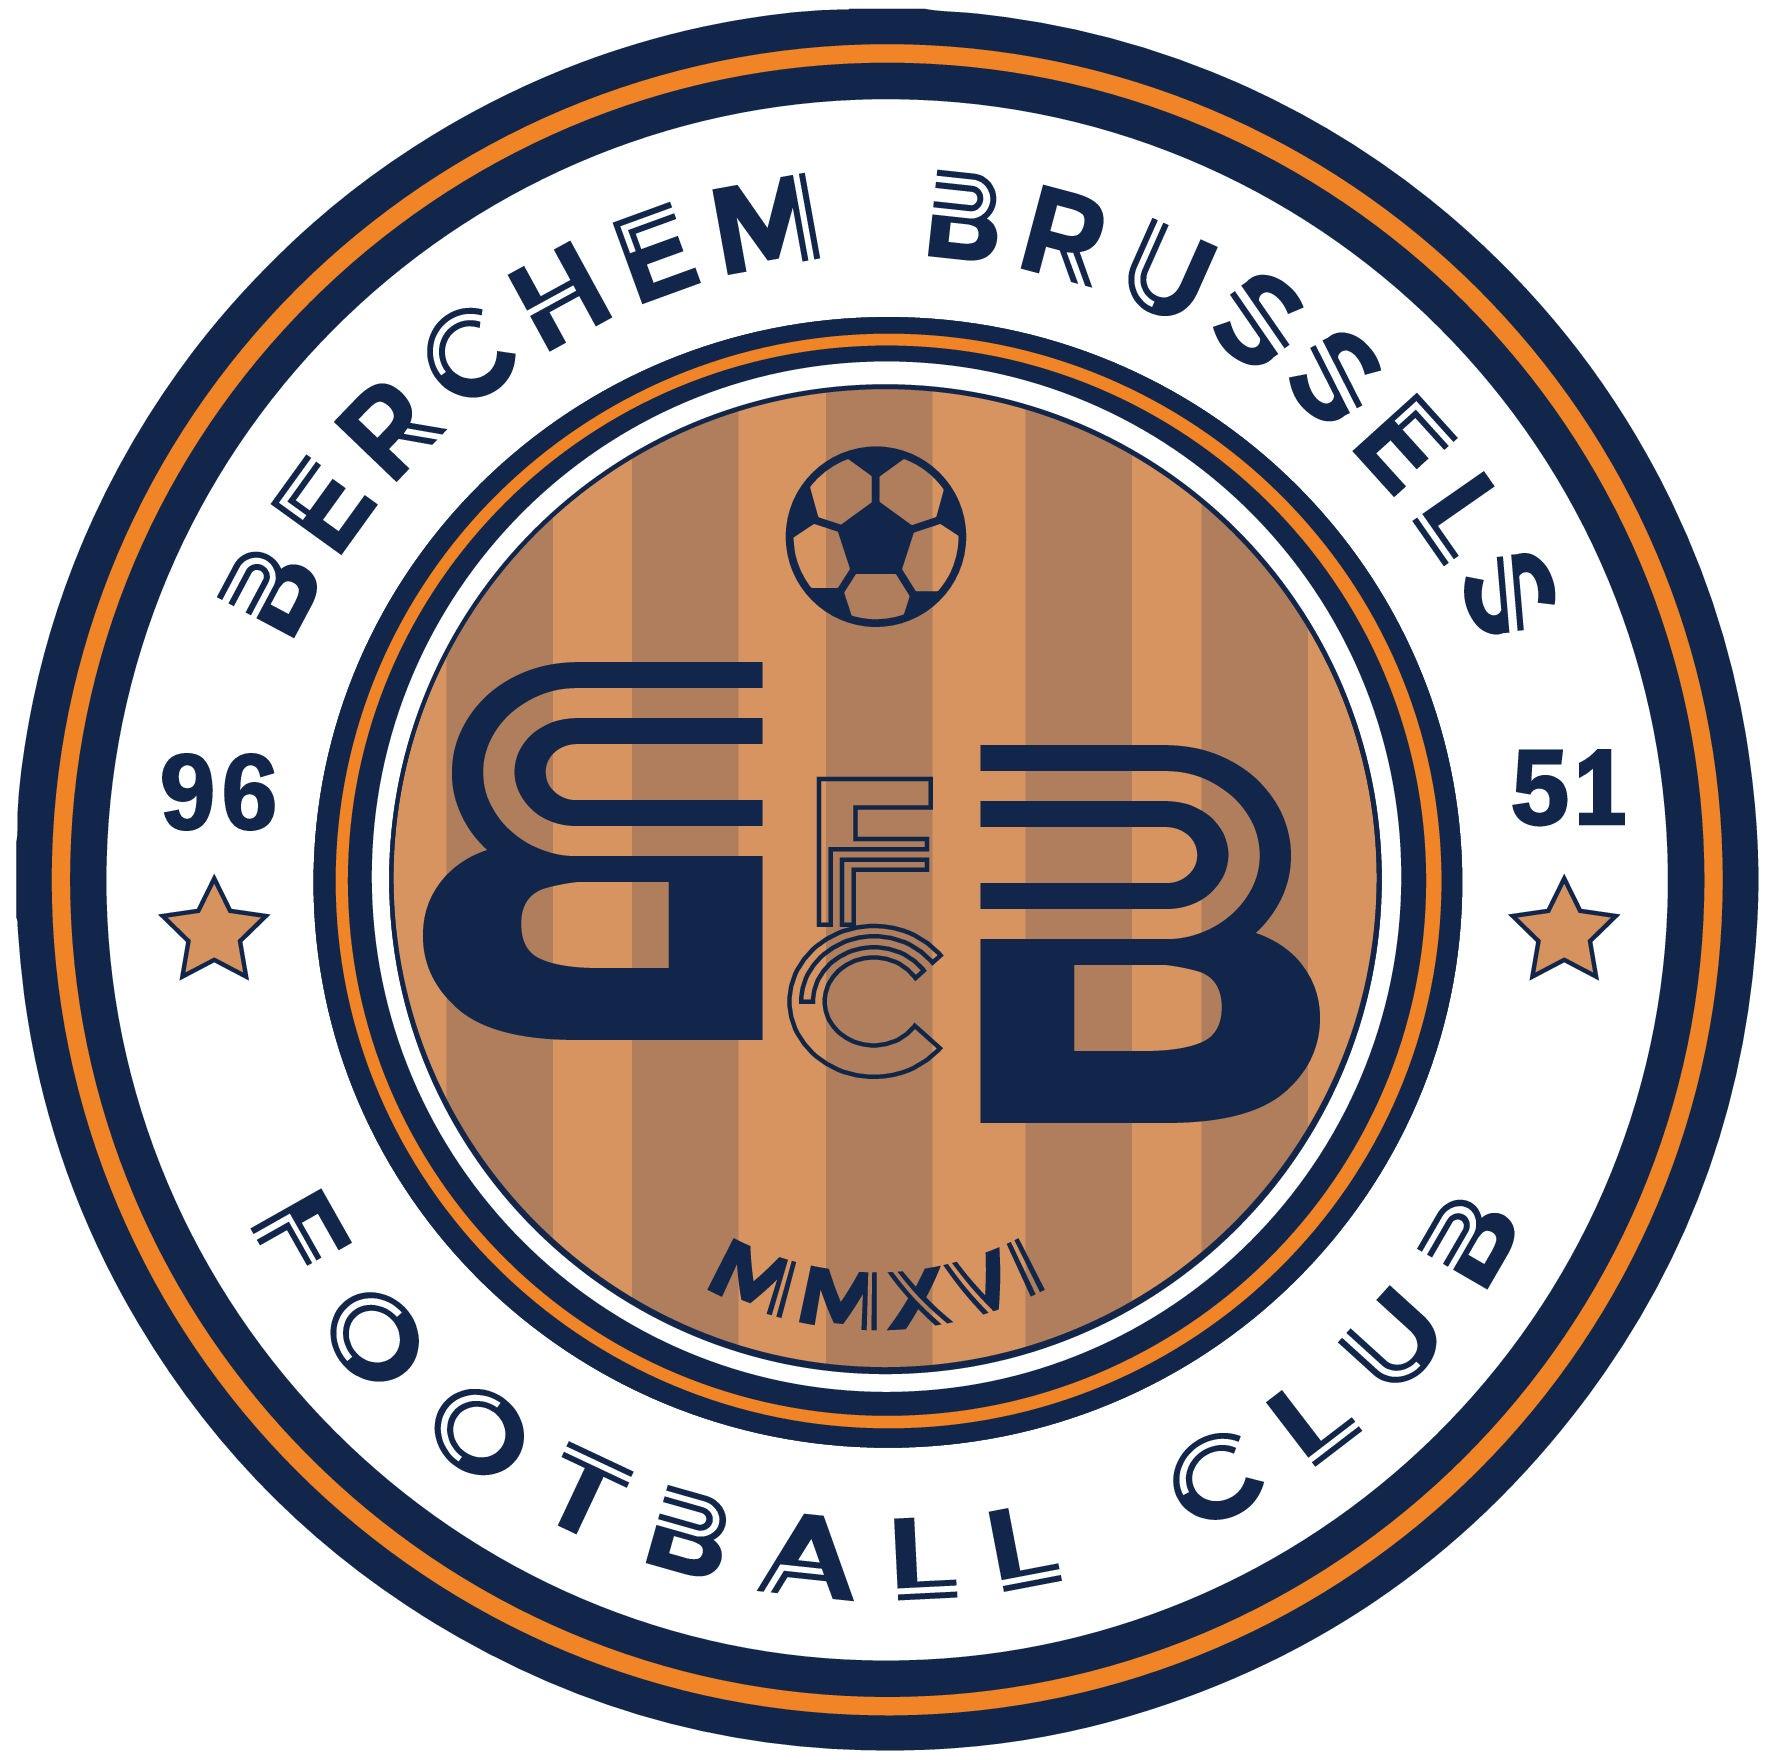 5 - Brussels Sport AFCA B